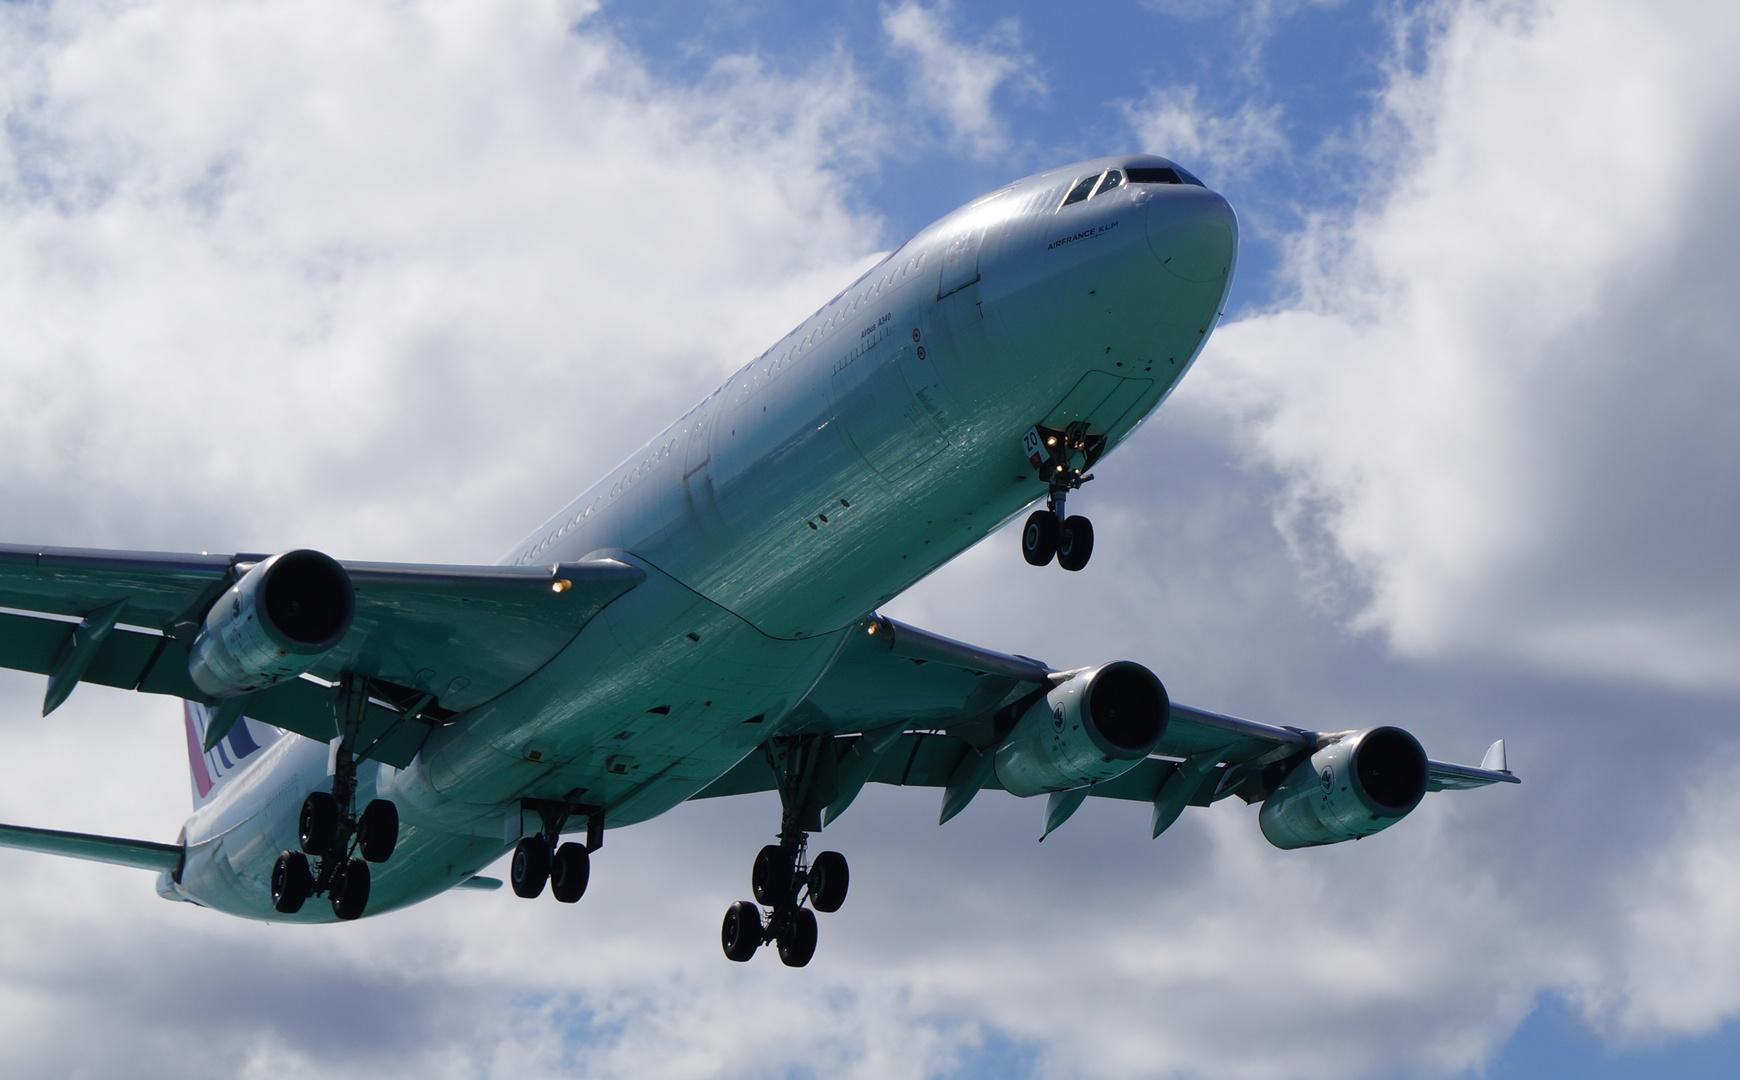 AirbusA340